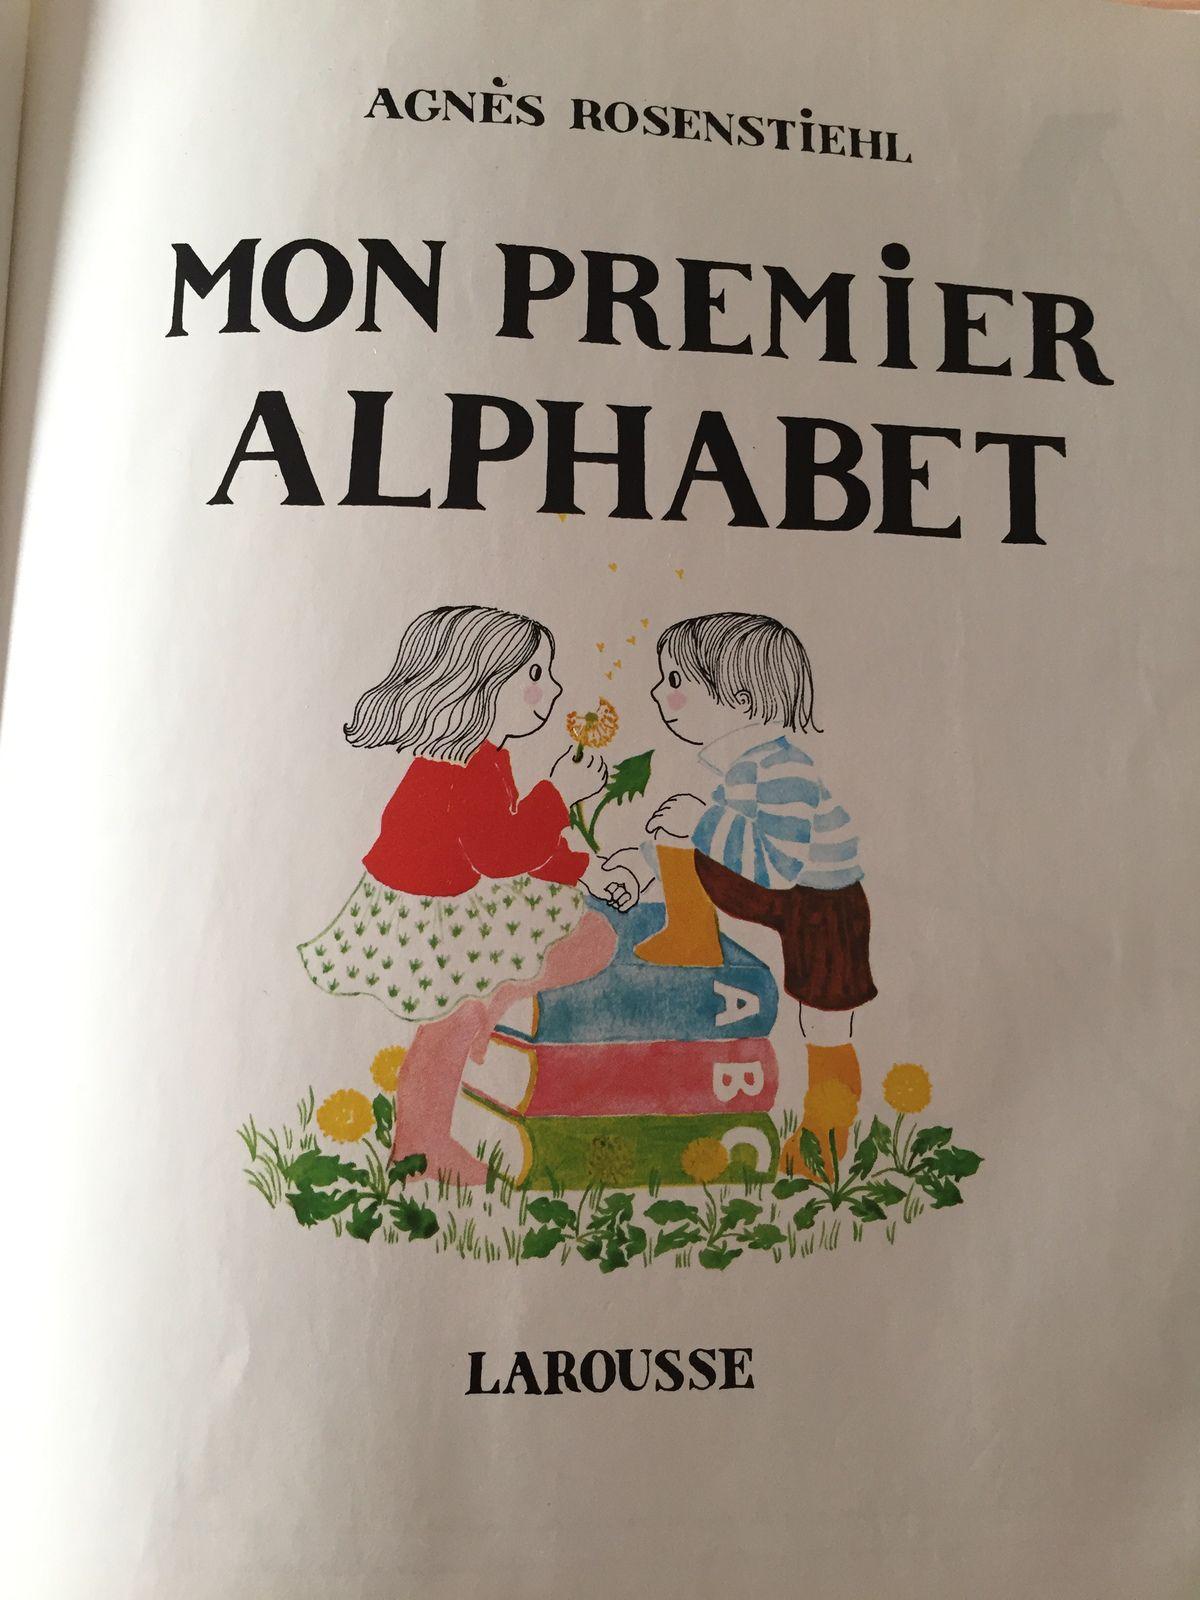 livre pour enfant mon premier alphabet - larousse- rosenstiehl sur charlotteblabla blog